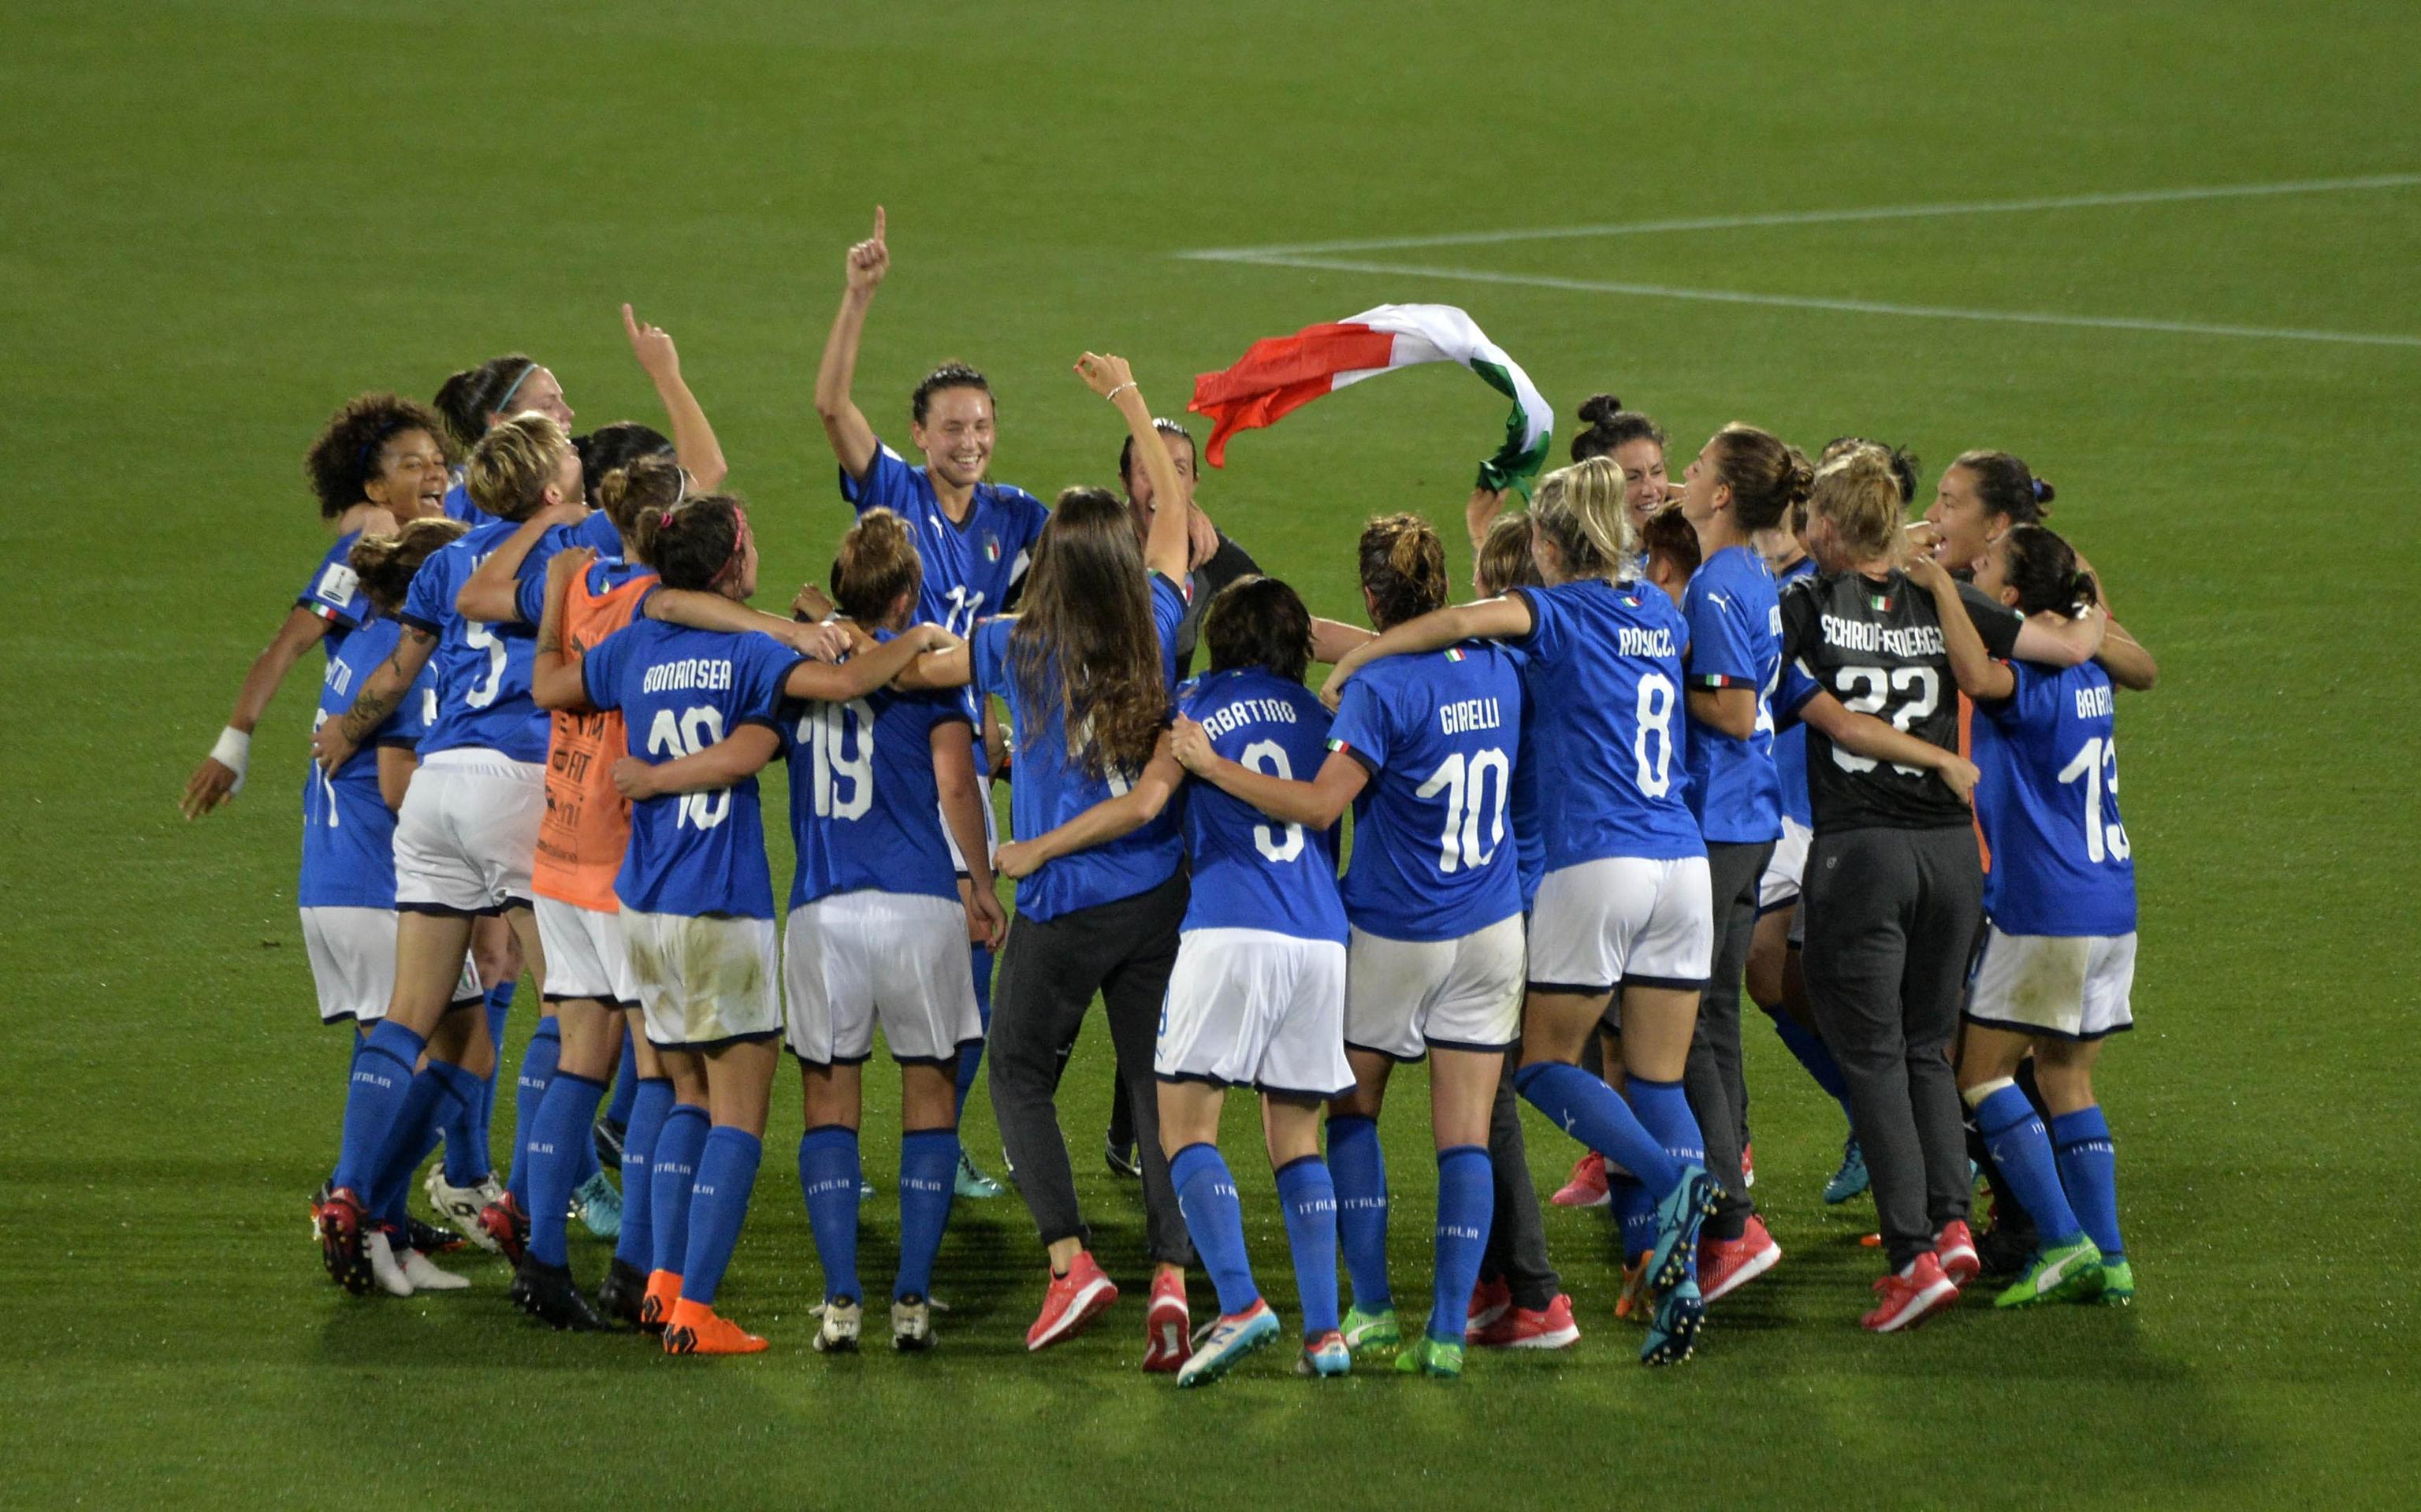 Mondiali Calcio 2020 Calendario.Mondiali Femminili Di Calcio Dove Vedere In Tv Italia